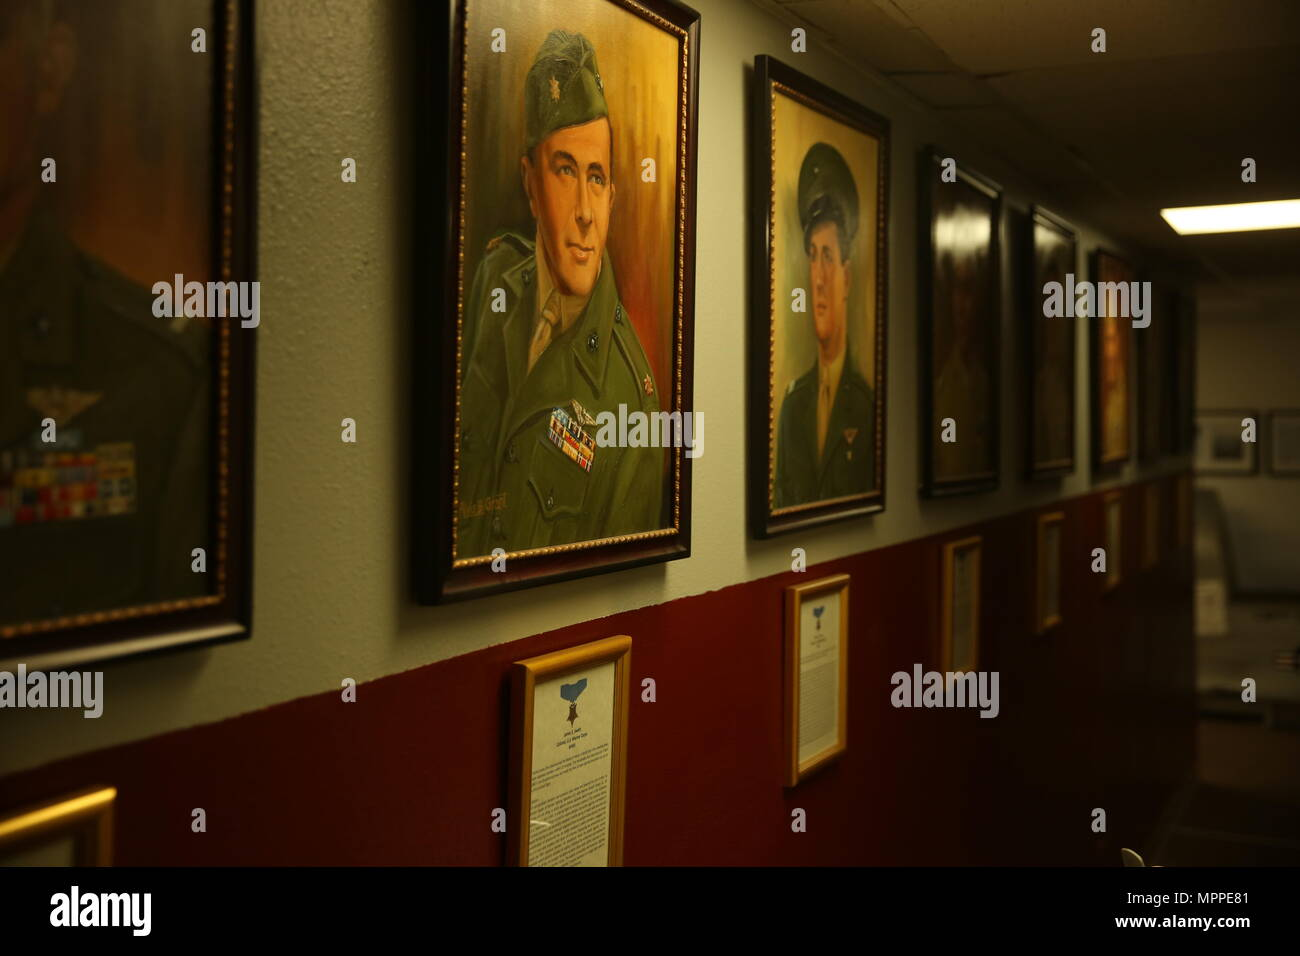 El Flying Leatherneck Aviation Museum muestra varios retratos, como esta pintura de la II Guerra Mundial, el Coronel piloto de combate del Cuerpo de Marines James E. Swett, una Medalla de Honor. El Flying Leatherneck es el único museo de aviación del Cuerpo de Infantería de Marina y fue fundada el 1 de abril de 1999. (Ee.Uu. Foto del Cuerpo de Infantería de Marina por el sargento. David Bickel/liberado) Foto de stock